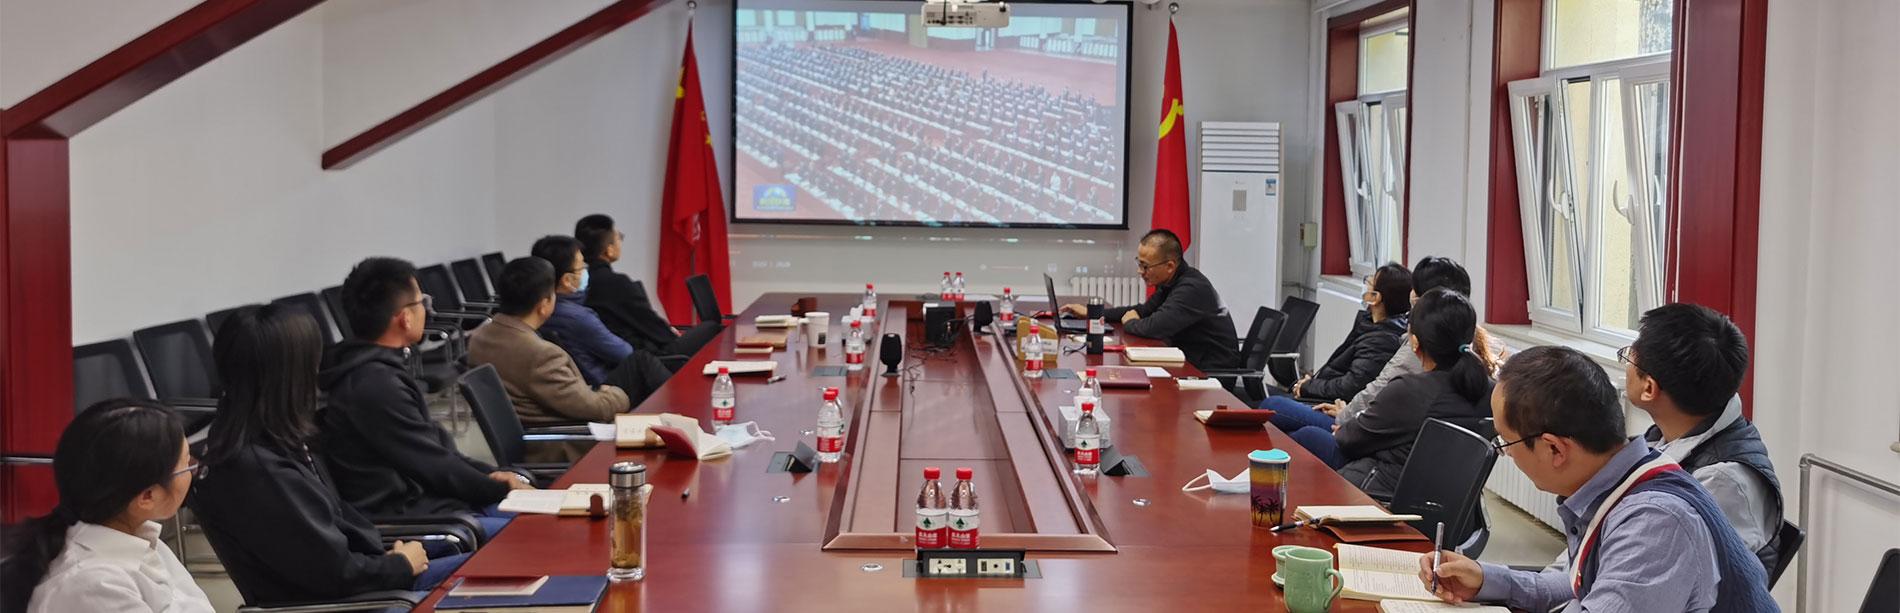 中国田径协会传达学习党的十九届五中全会精神